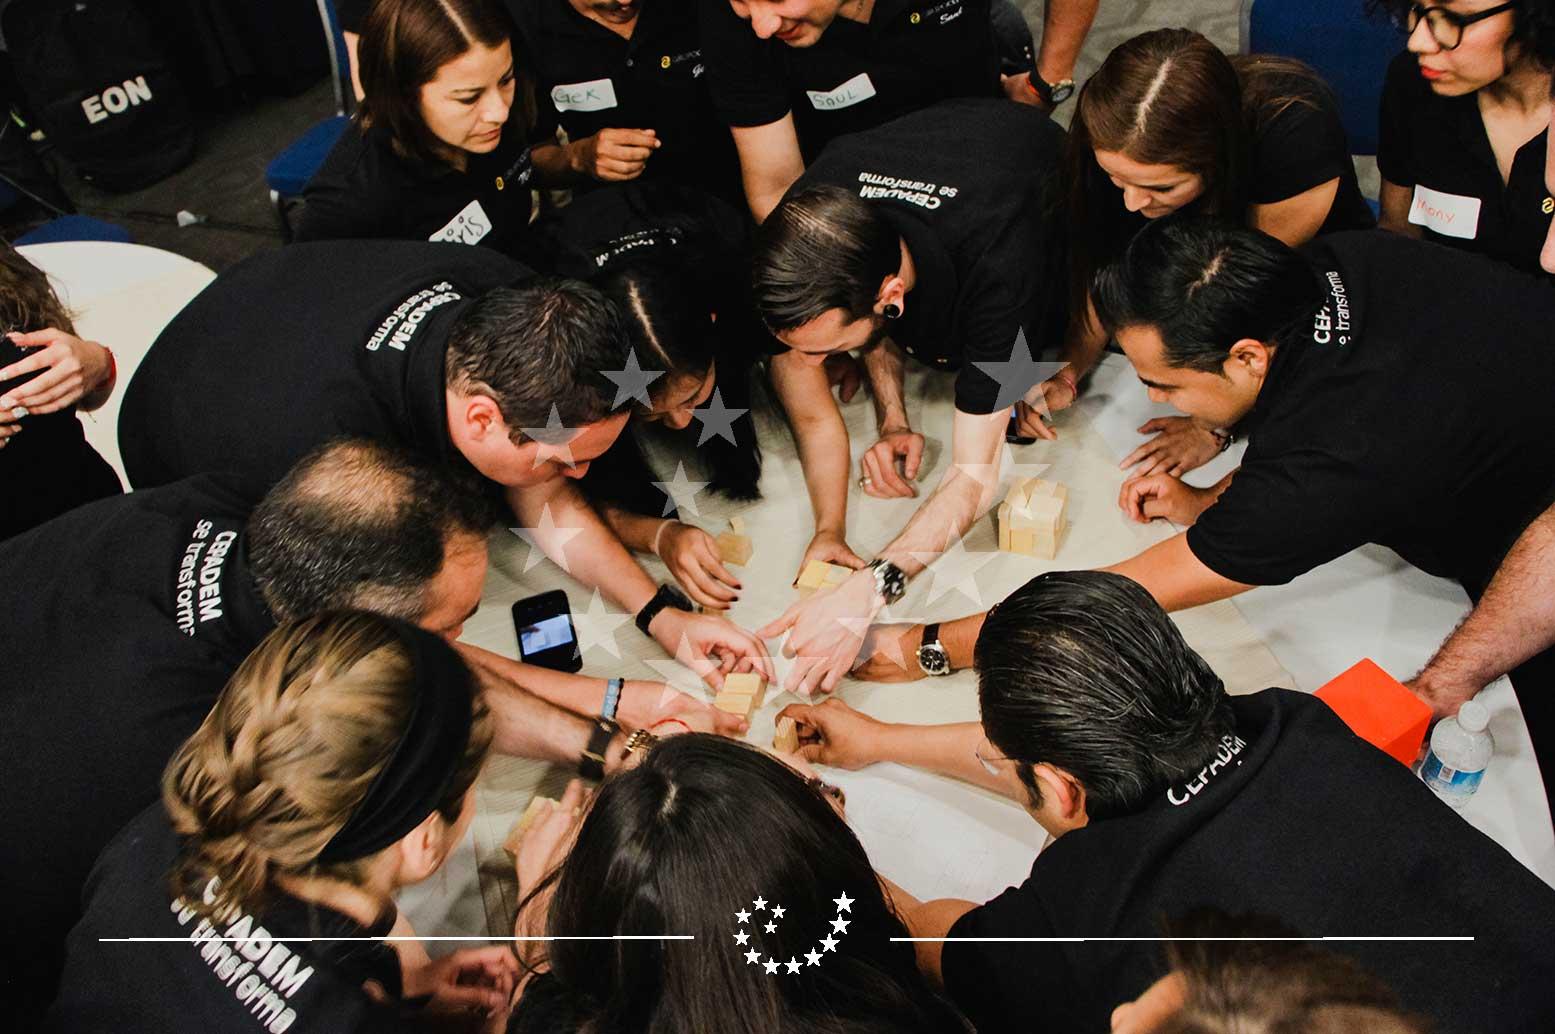 simulacro-de-comunicacion-y-team-building-de-integracion-11